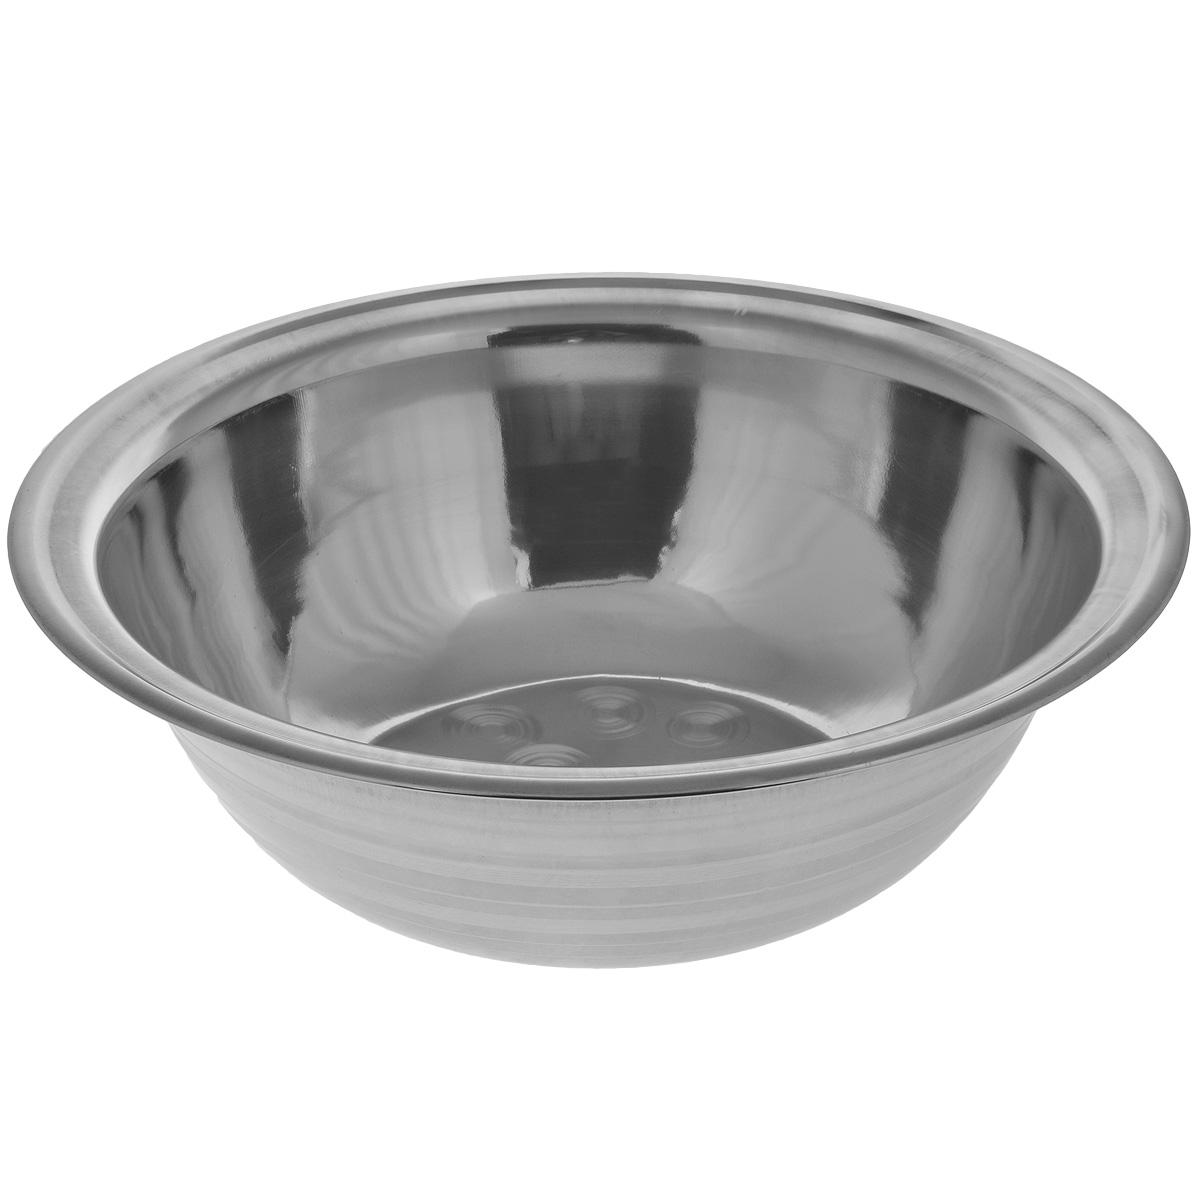 Таз Padia, диаметр 48 см5000-51Таз Padia выполнен из высококачественной нержавеющей стали, благодаря чему прослужит долгие годы. Его лаконичный дизайн прекрасно дополнит любой интерьер ванны или бани. Таз Padia пригодится в любом хозяйстве. Размер: 48 см х 48 см х 15,2 см.